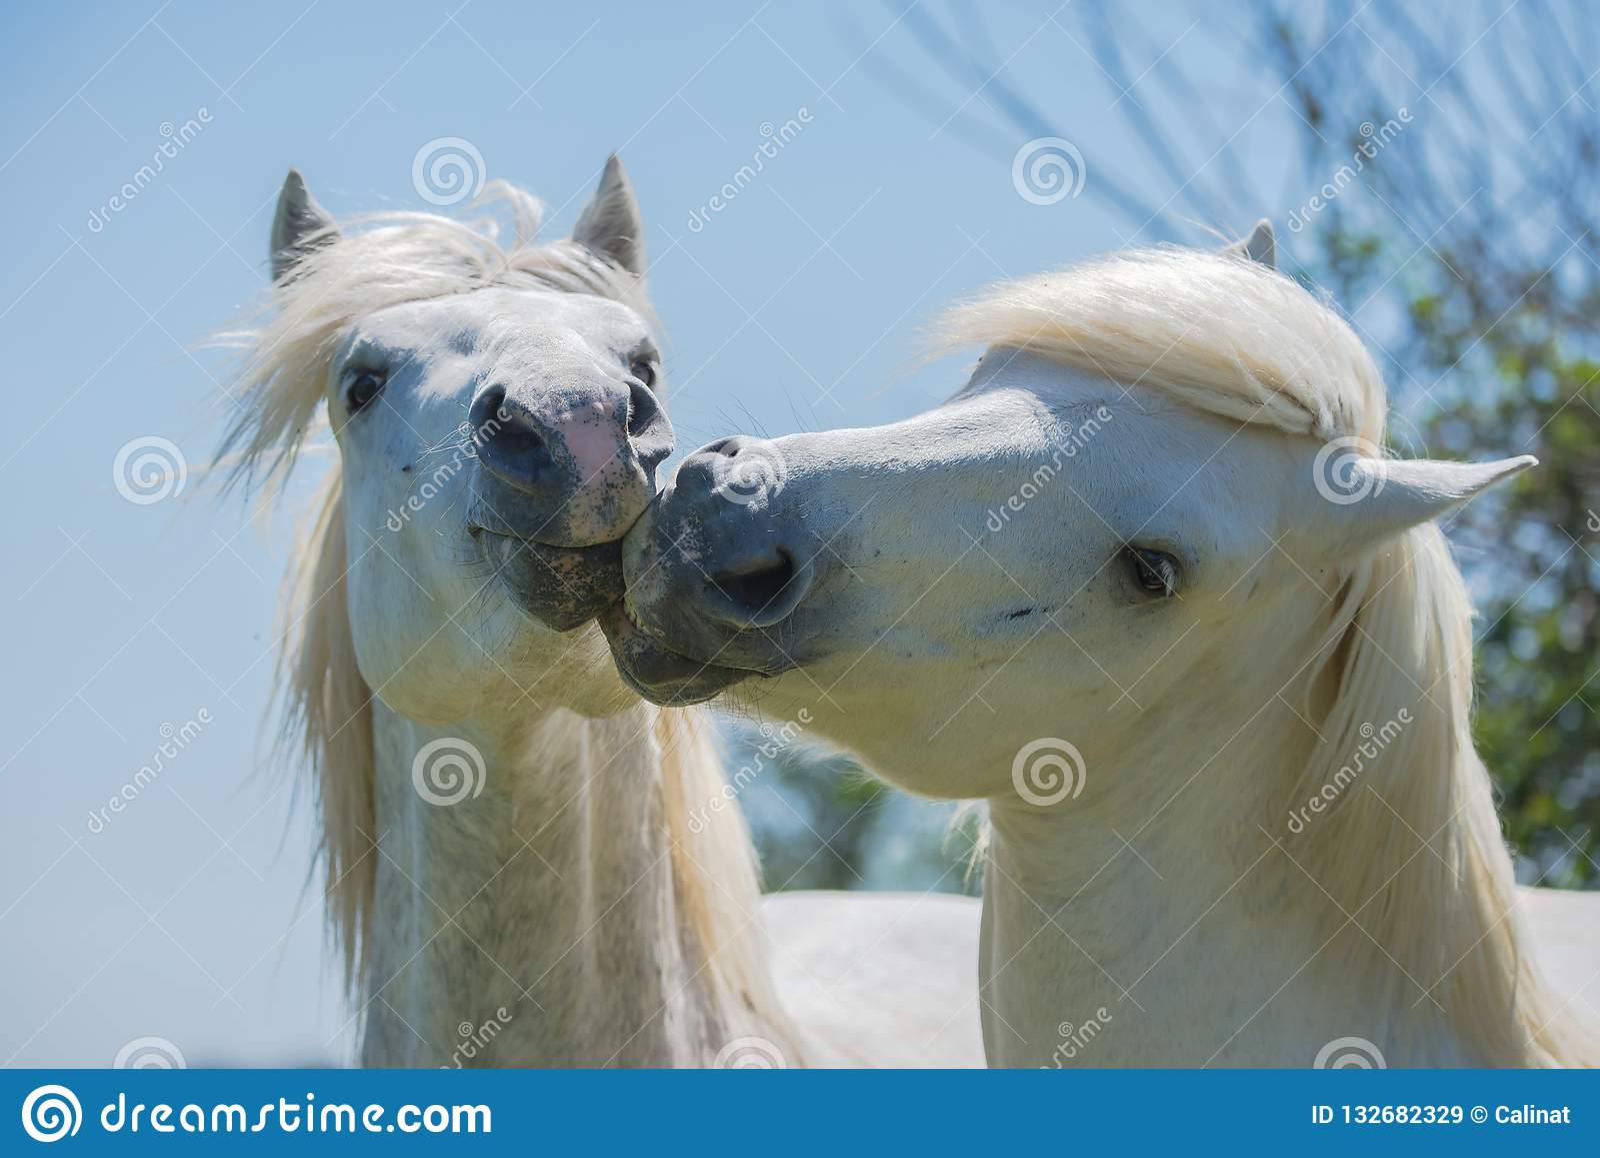 Caballos blancos imagen de archivo. Imagen de manada - 132682329